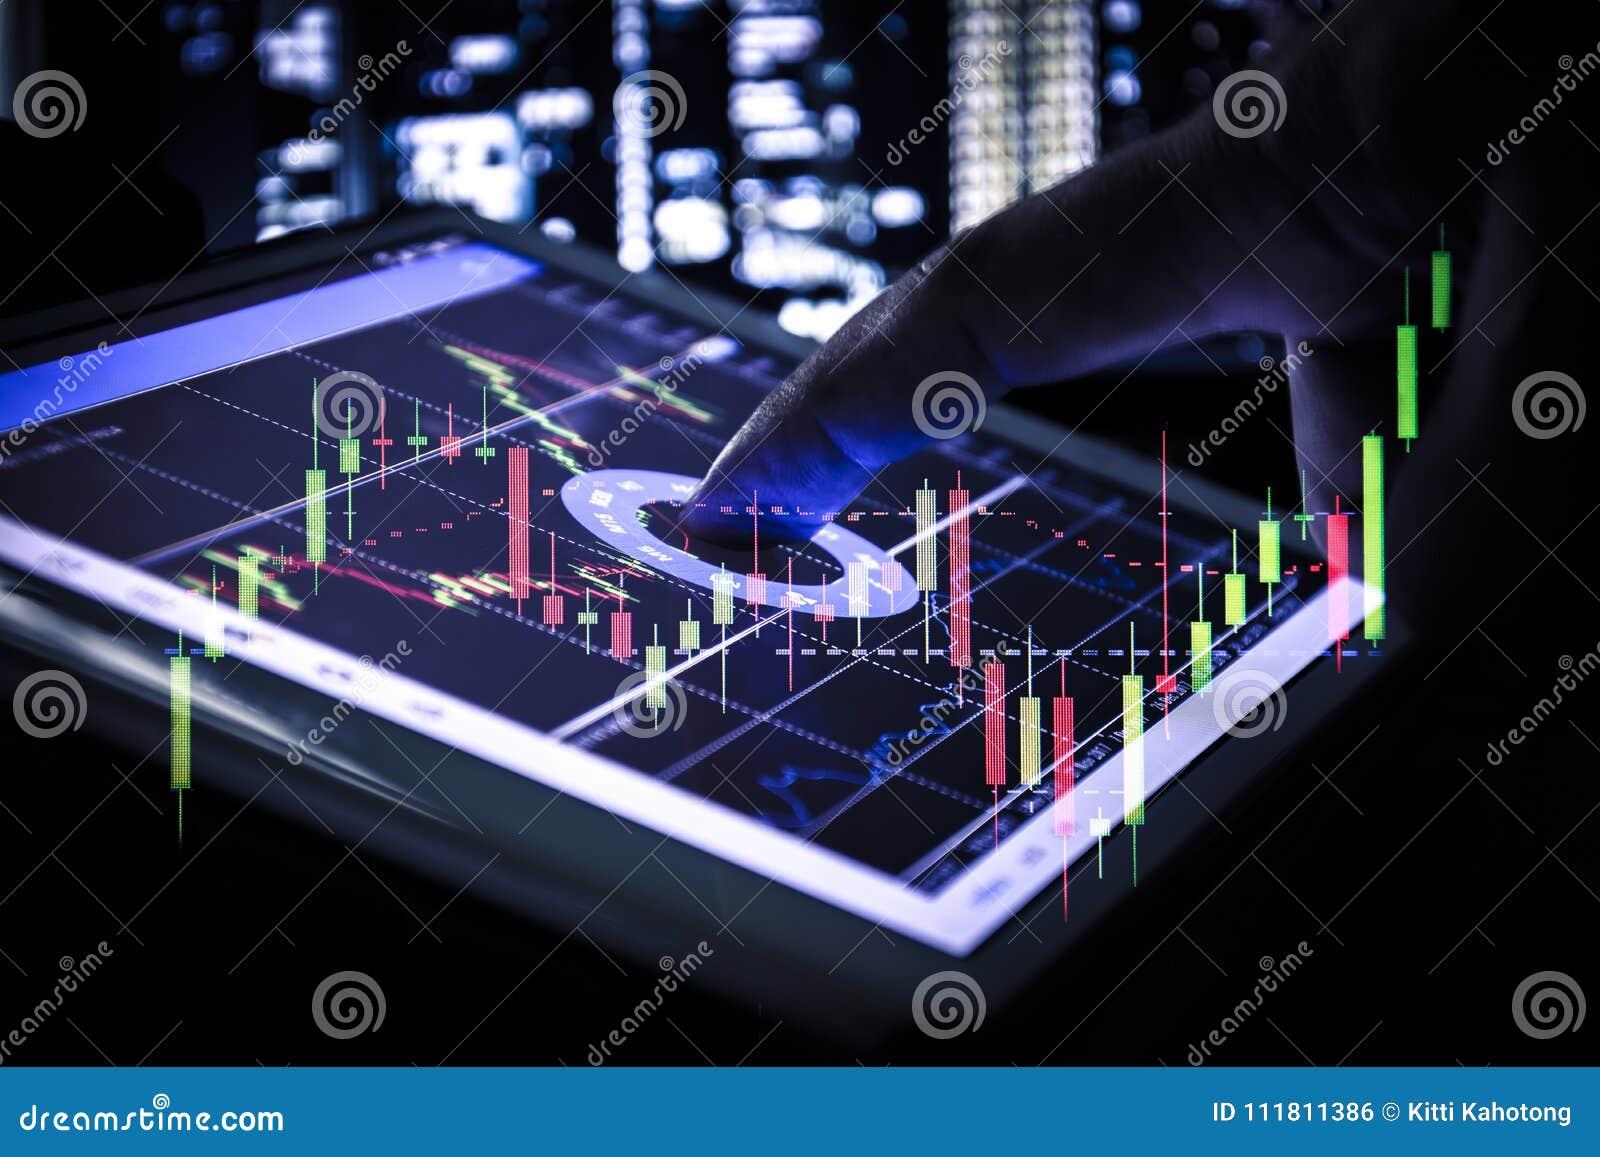 Graphique de chandelier sur le comprimé, les affaires et le concept financier